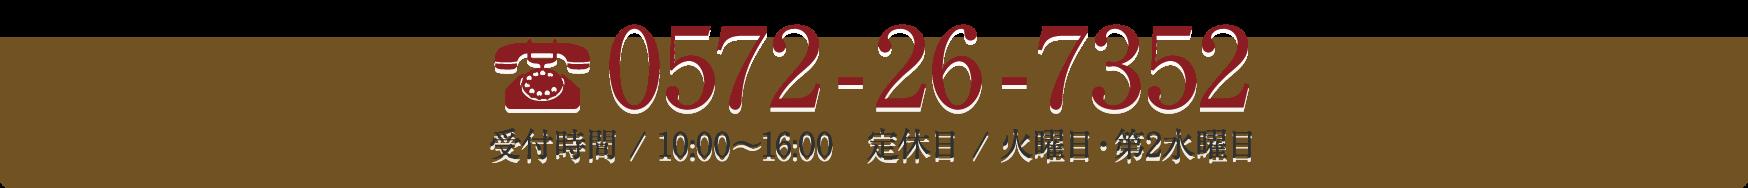 0572-26-7352 受付時間 / 10:00〜16:00 定休日 / 火曜日・第2水曜日